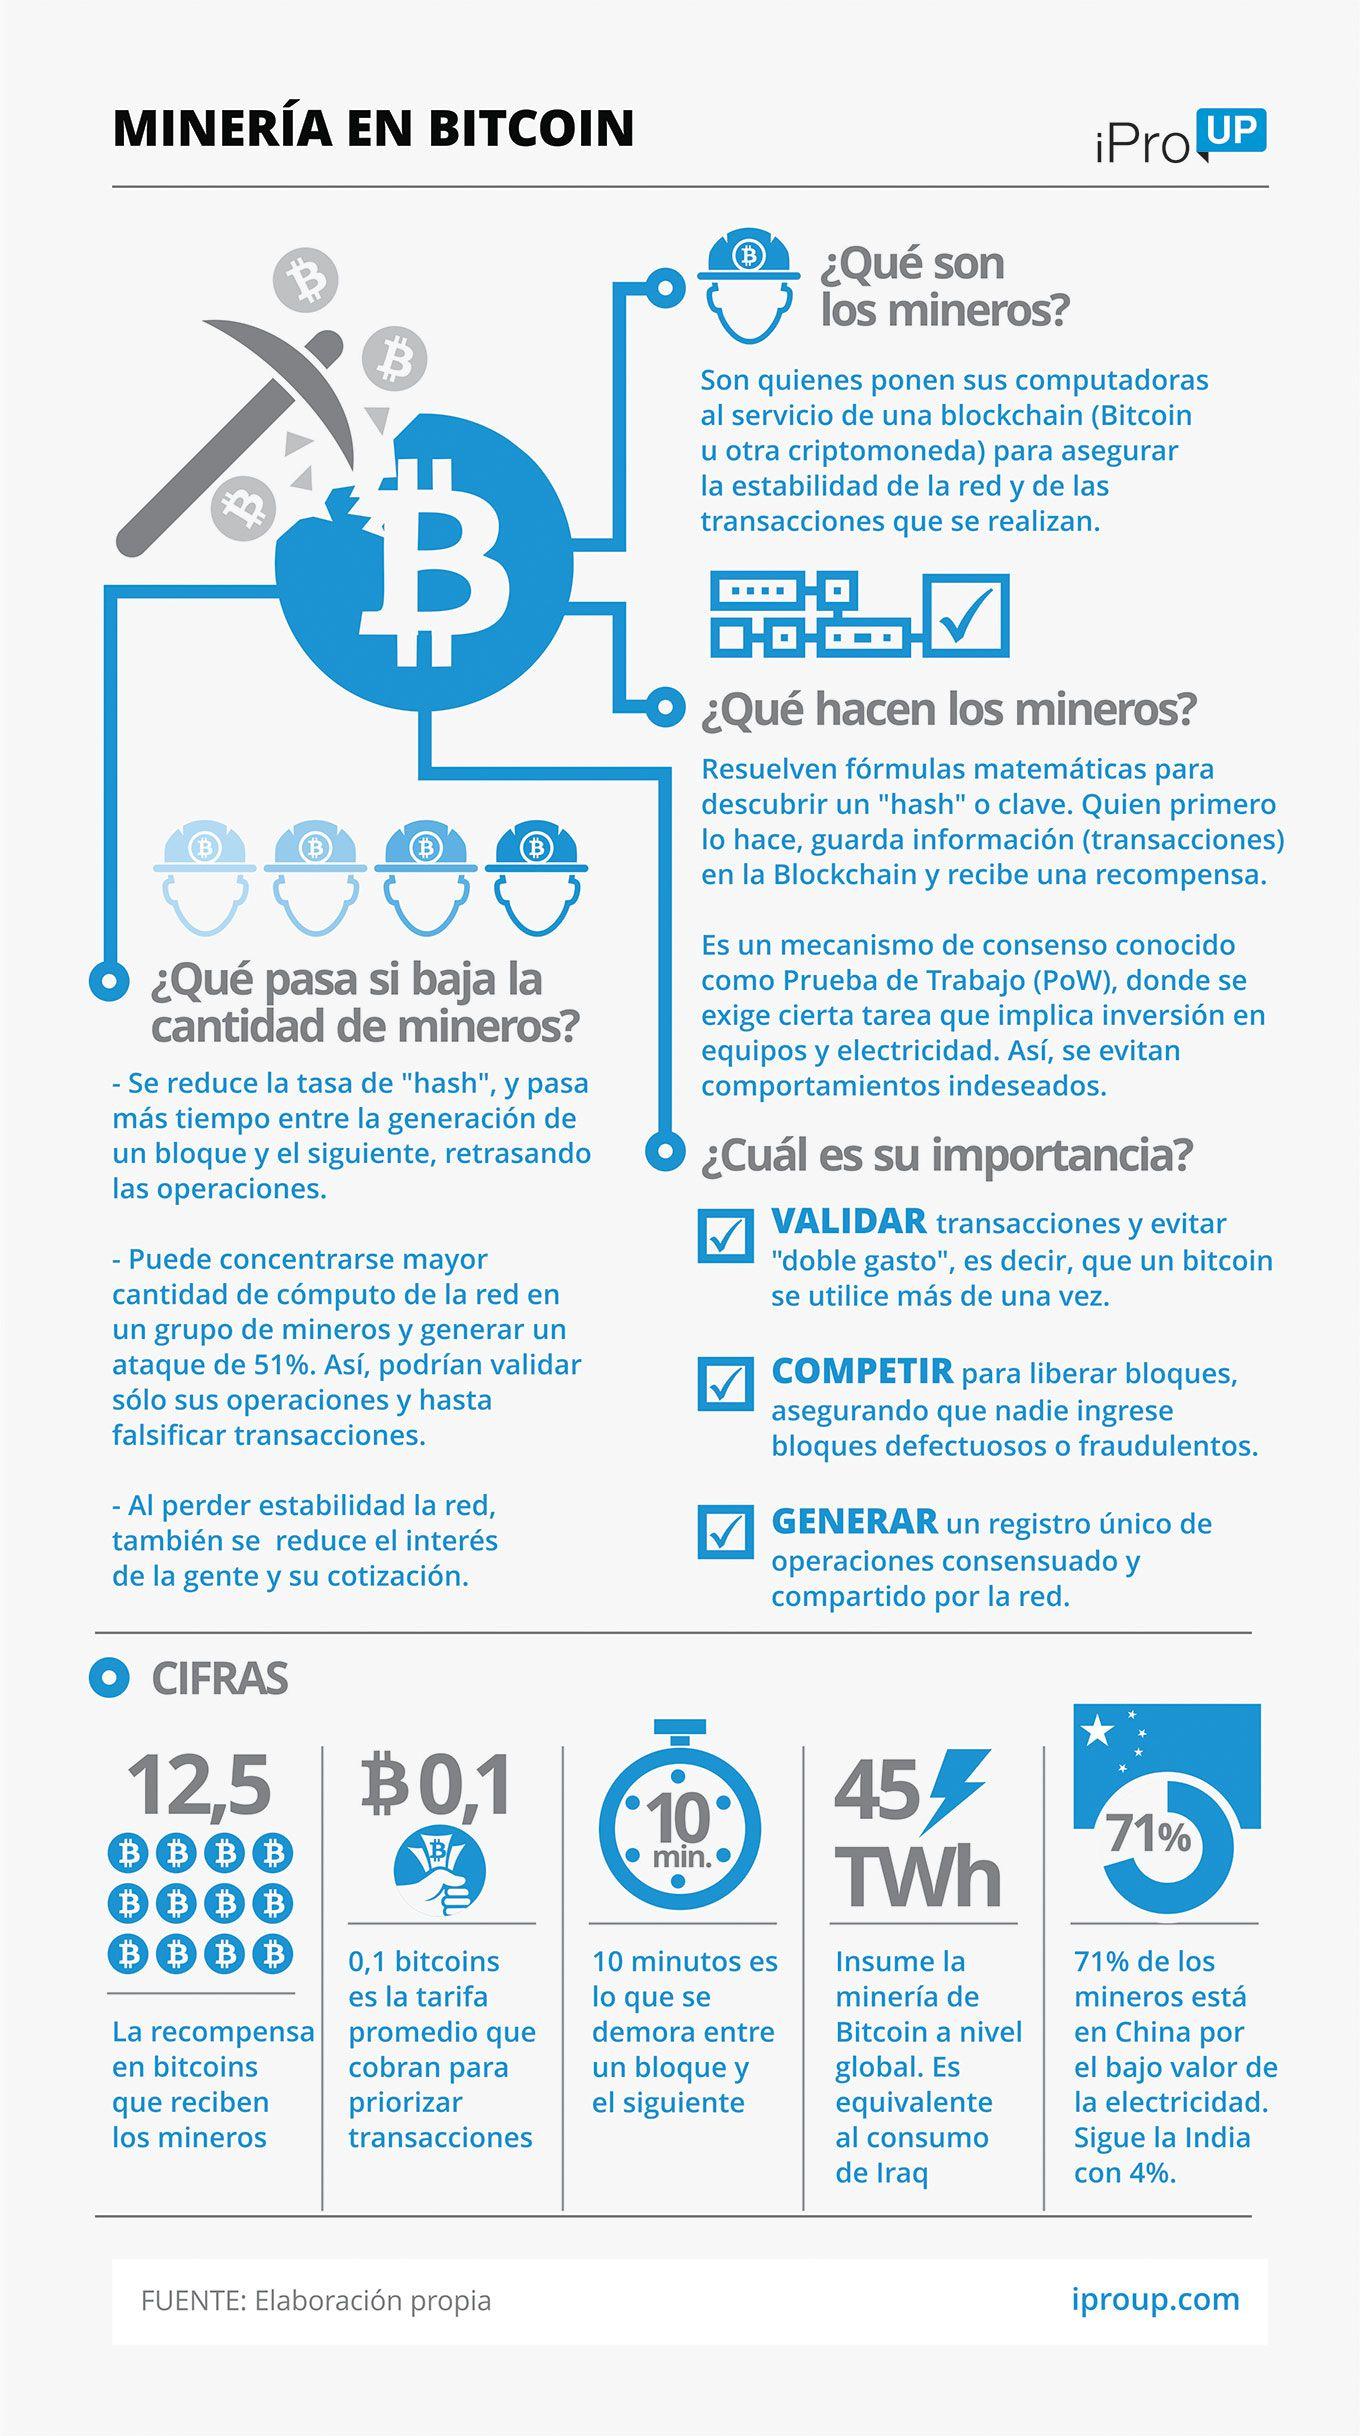 Resultado de imagen para infografia minar bitcoin iproup